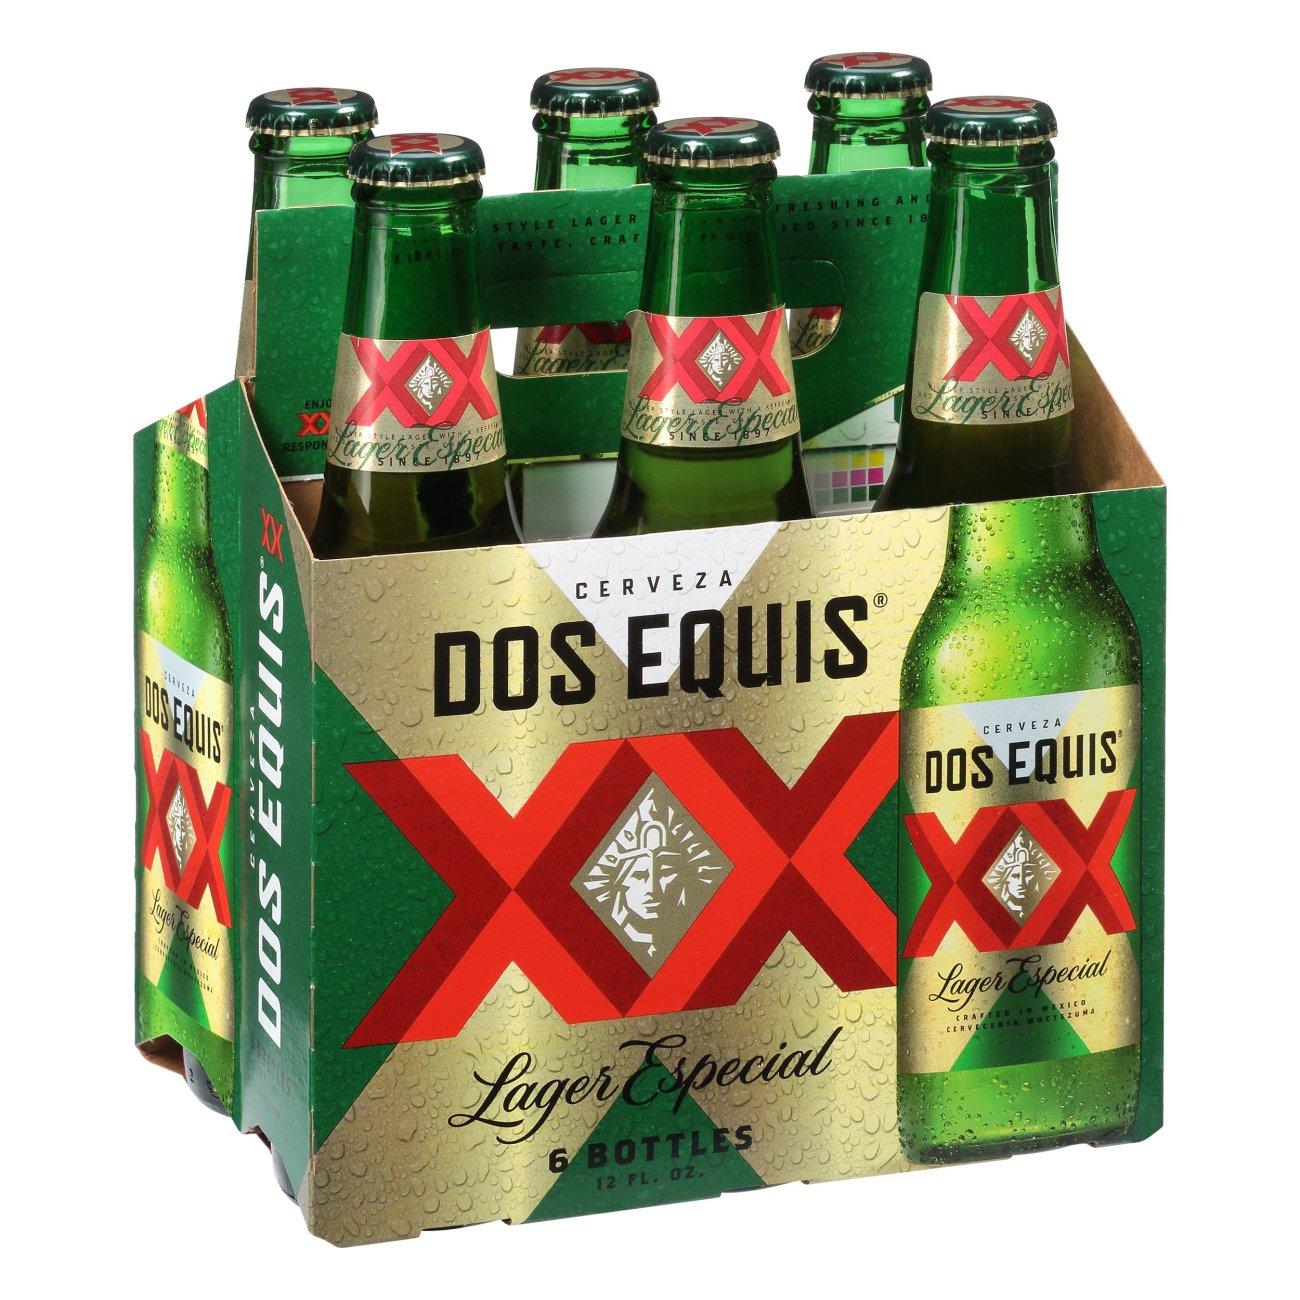 Dos Equis Lager Especial Beer 12 Oz Bottles Shop Beer At H E B